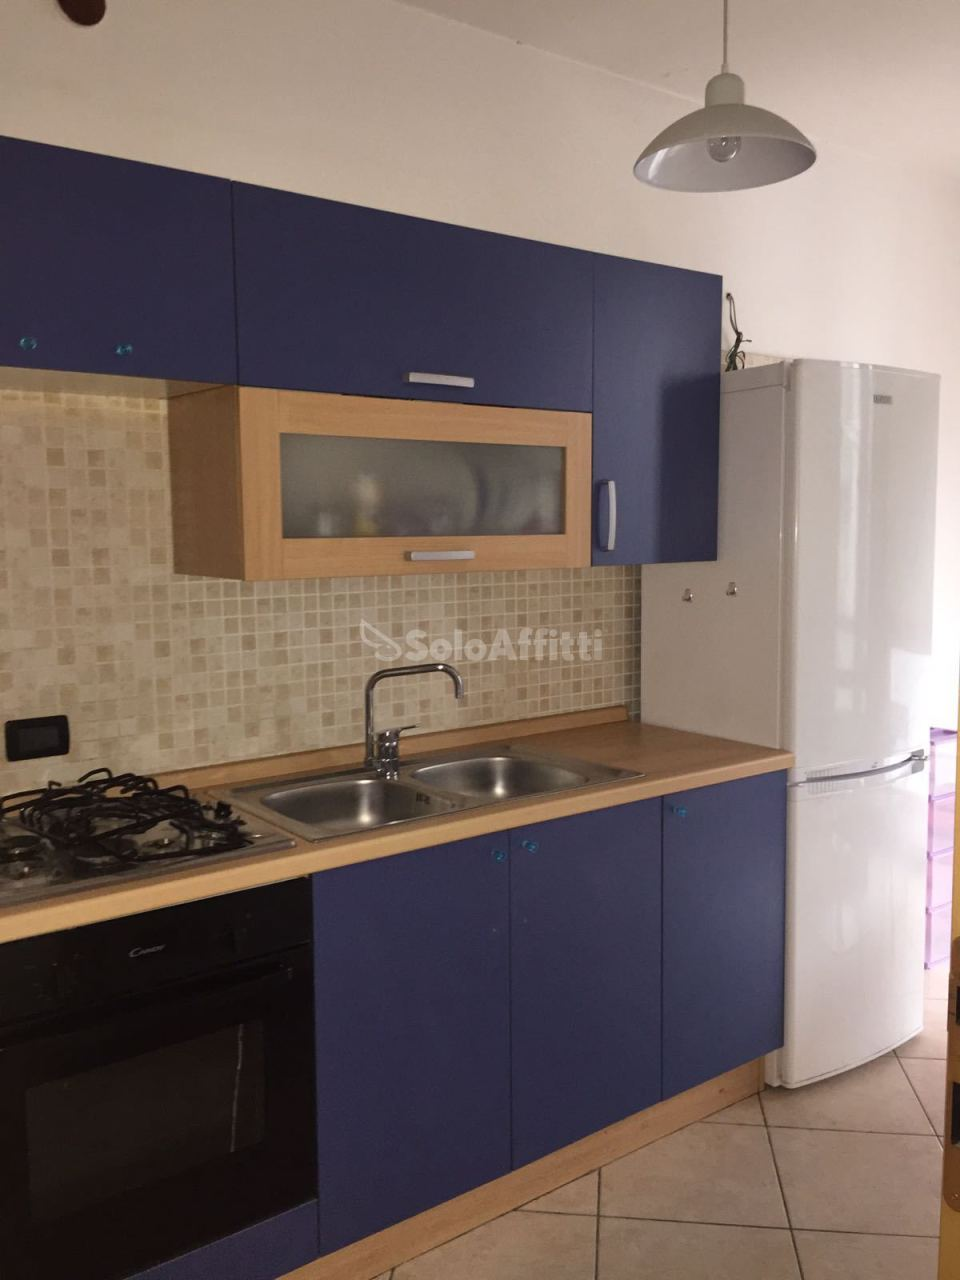 Bilocale in ottime condizioni arredato in affitto Rif. 8239080